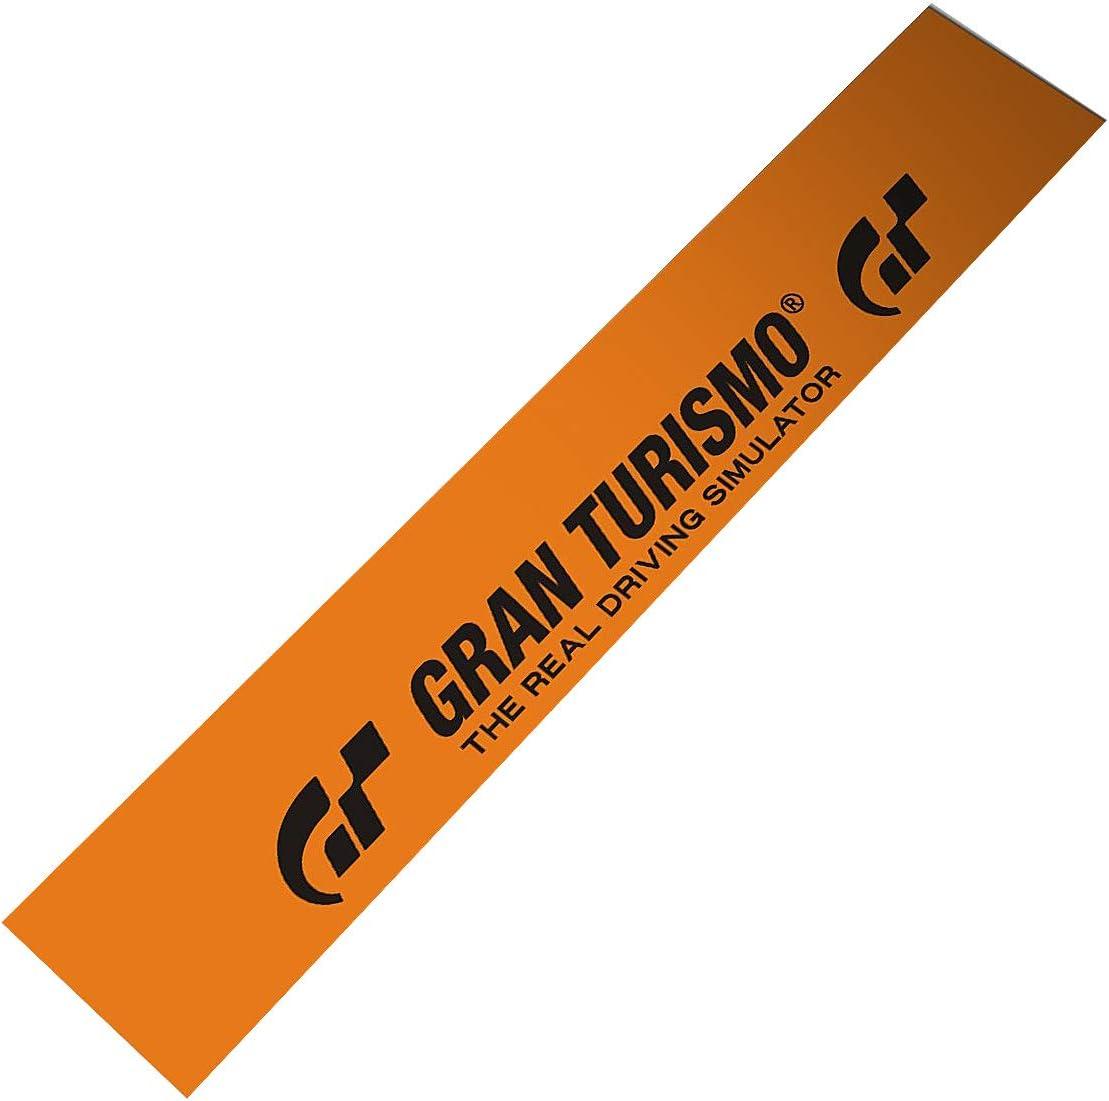 Demupai Windschutzscheibe Banner Vinyl Aufkleber Für Gran Turismo Orange Background Auto